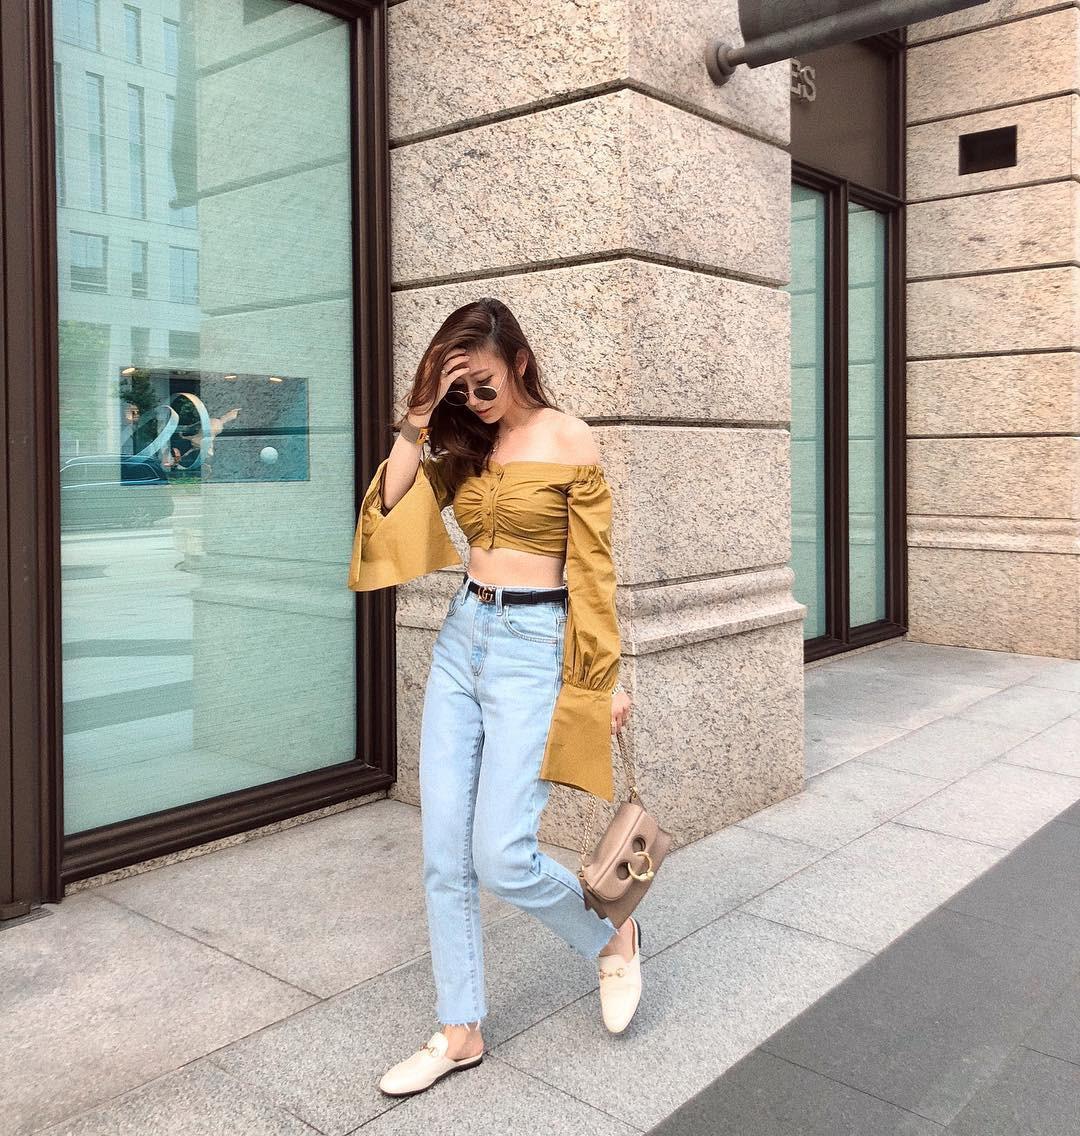 Đừng nghĩ mặc jeans là không điệu được, cứ nhìn các nàng blogger lên đồ cực xinh qua 15 set đồ này sẽ biết ngay - Ảnh 15.